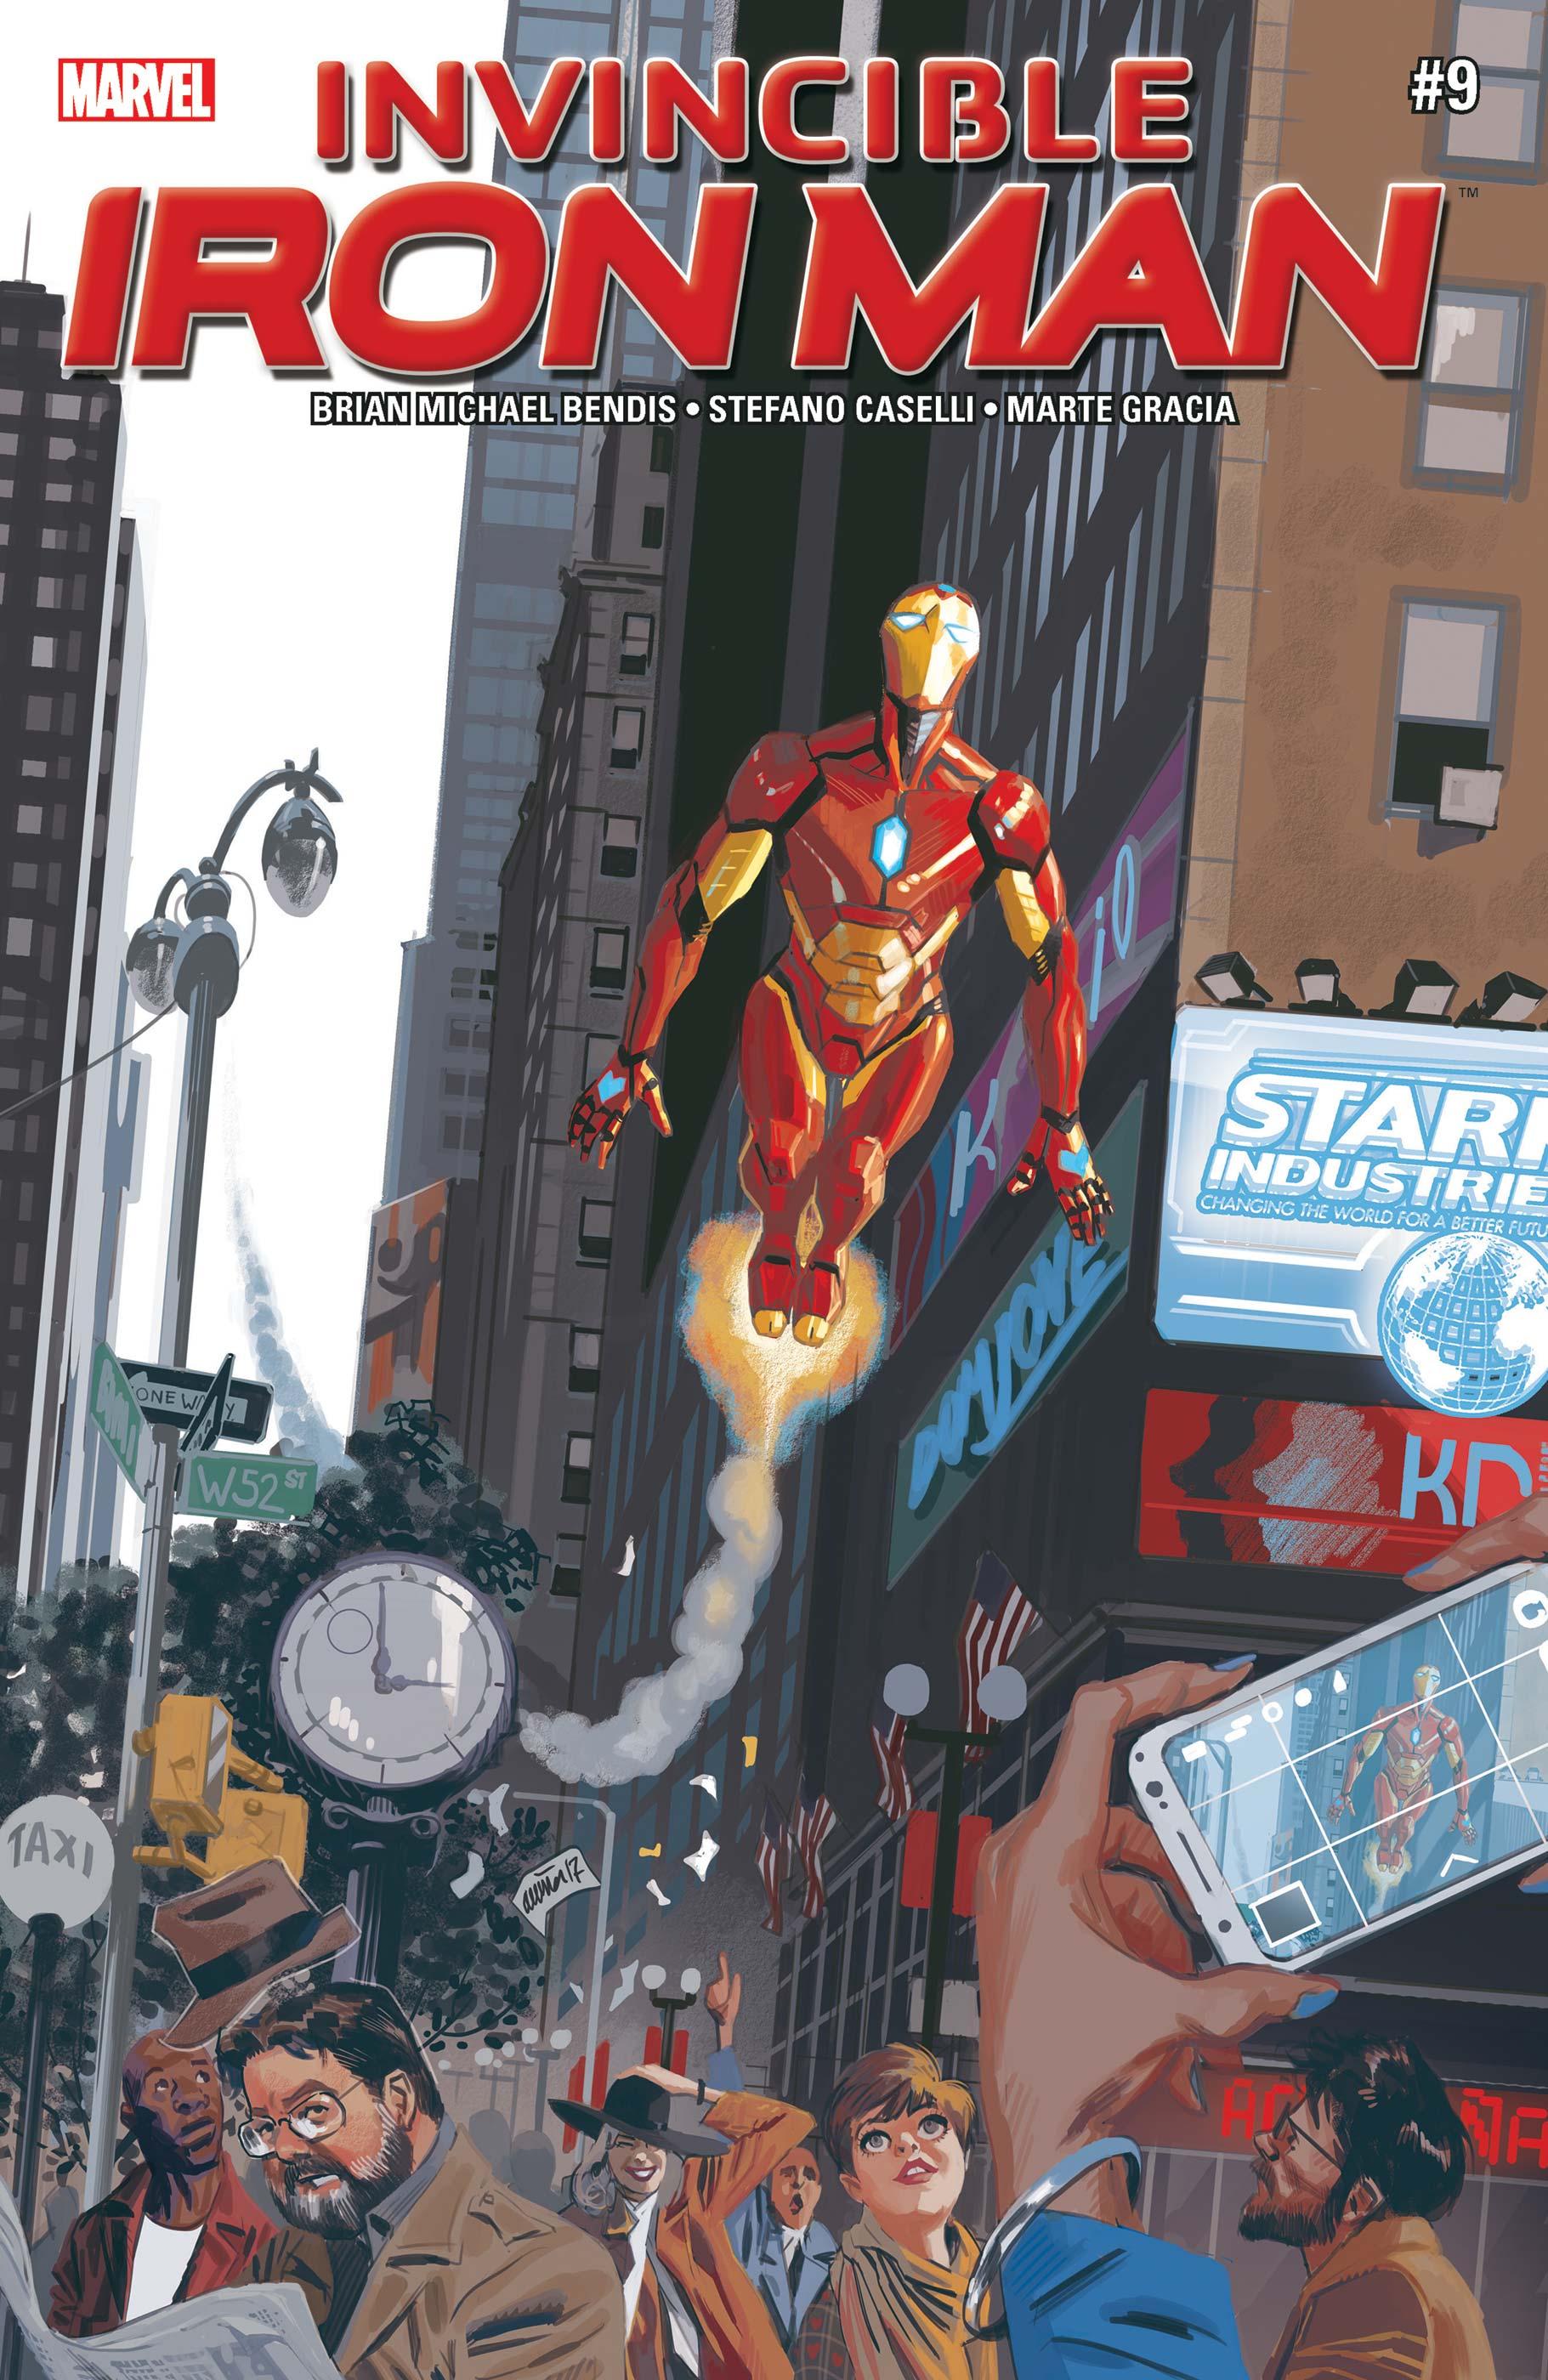 Invincible Iron Man (2016) #9